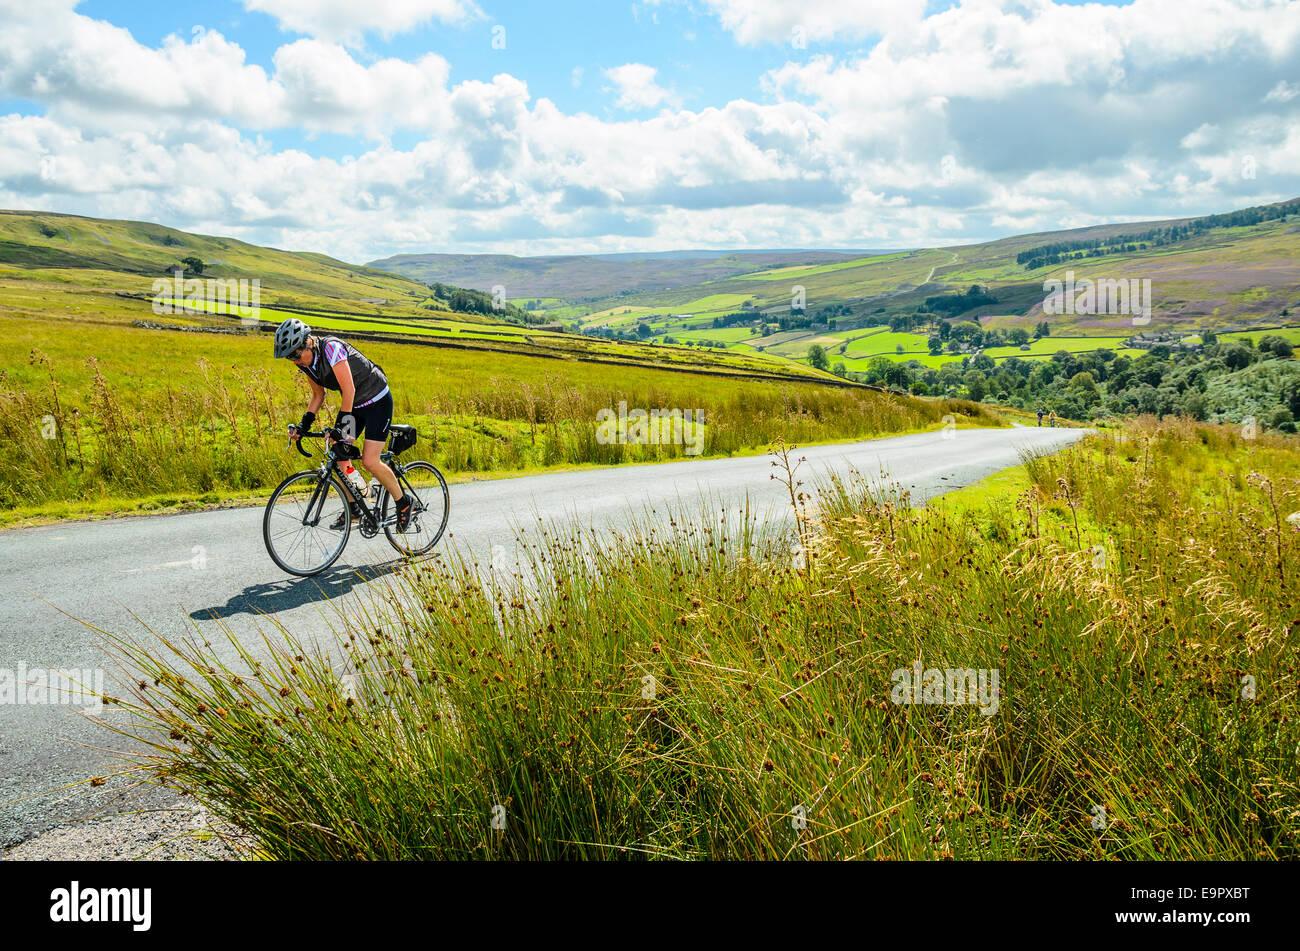 Ciclista femmina scalata del Stang nel Yorkshire Dales Immagini Stock